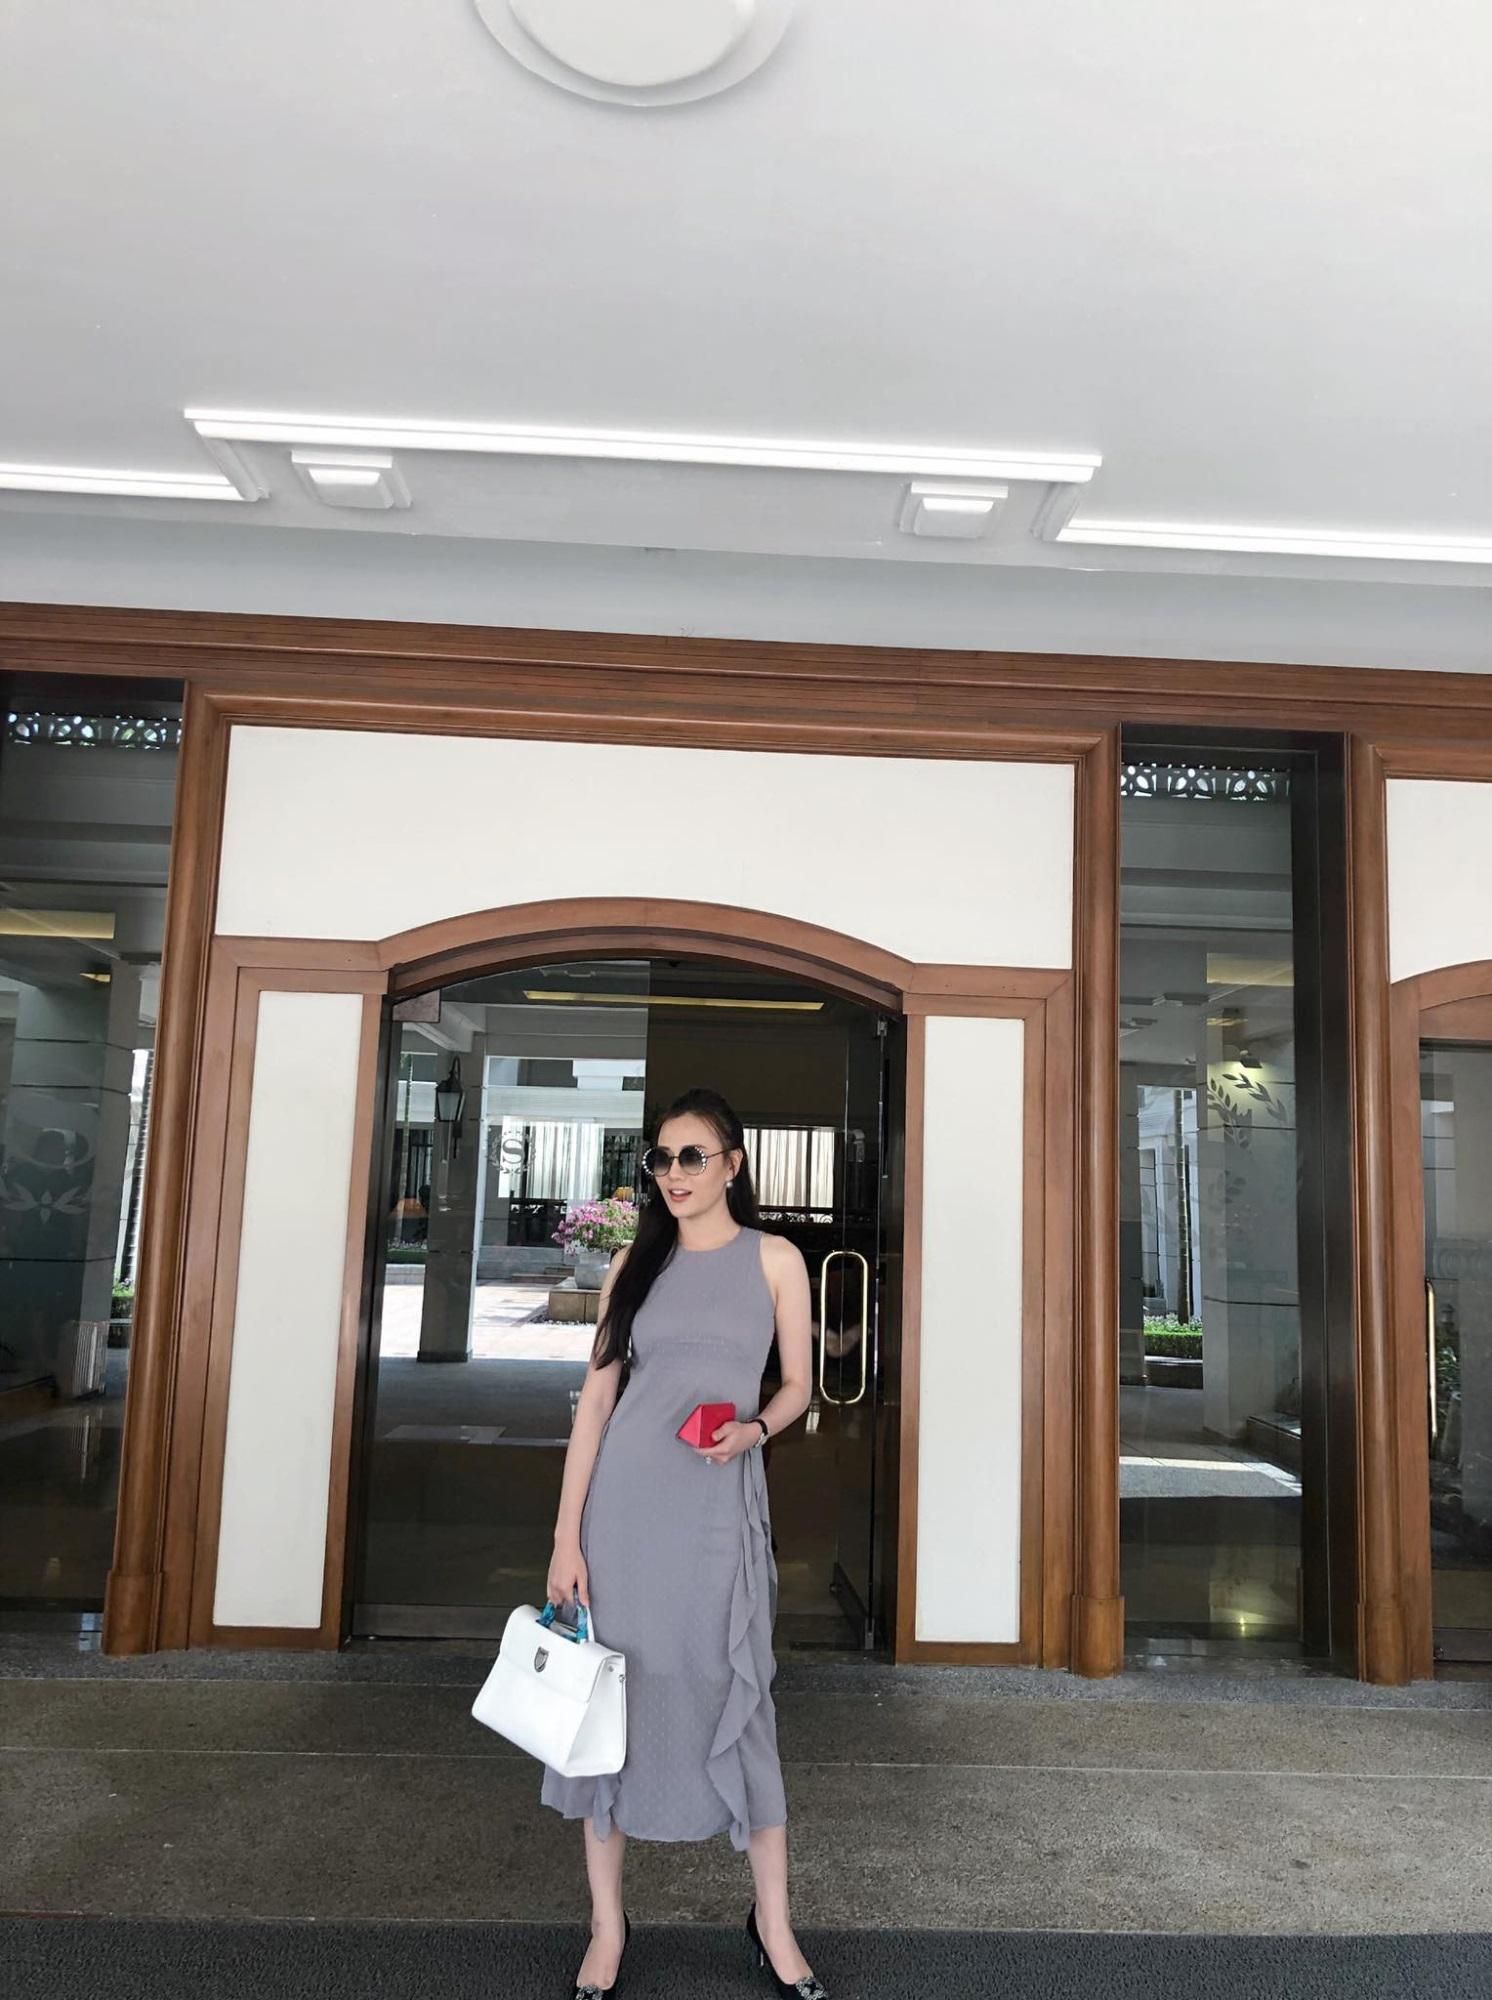 Không thua kém Ngọc Trinh, nữ chính 'Quỳnh búp bê' sành điệu với tủ đồ hiệu hàng trăm triệu đồng - Ảnh 11